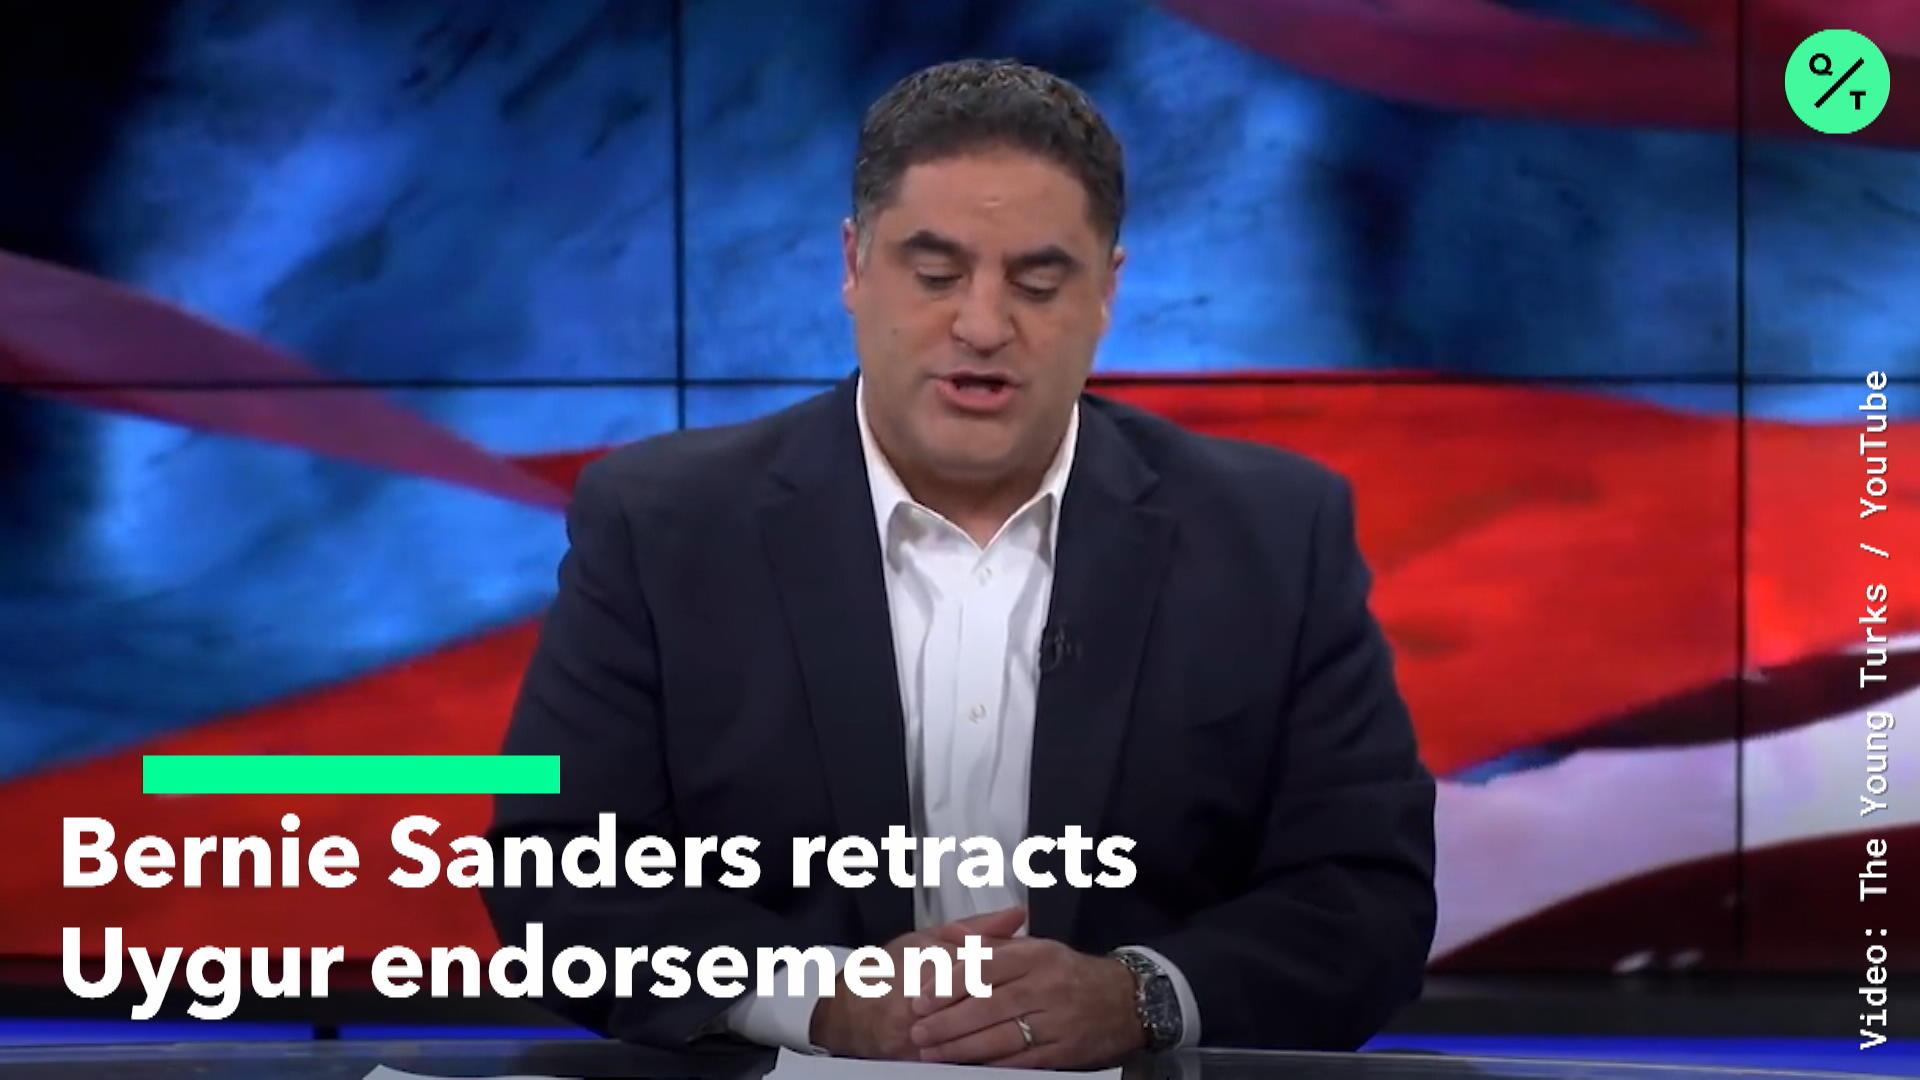 Sanders retracts Uygur endorsement